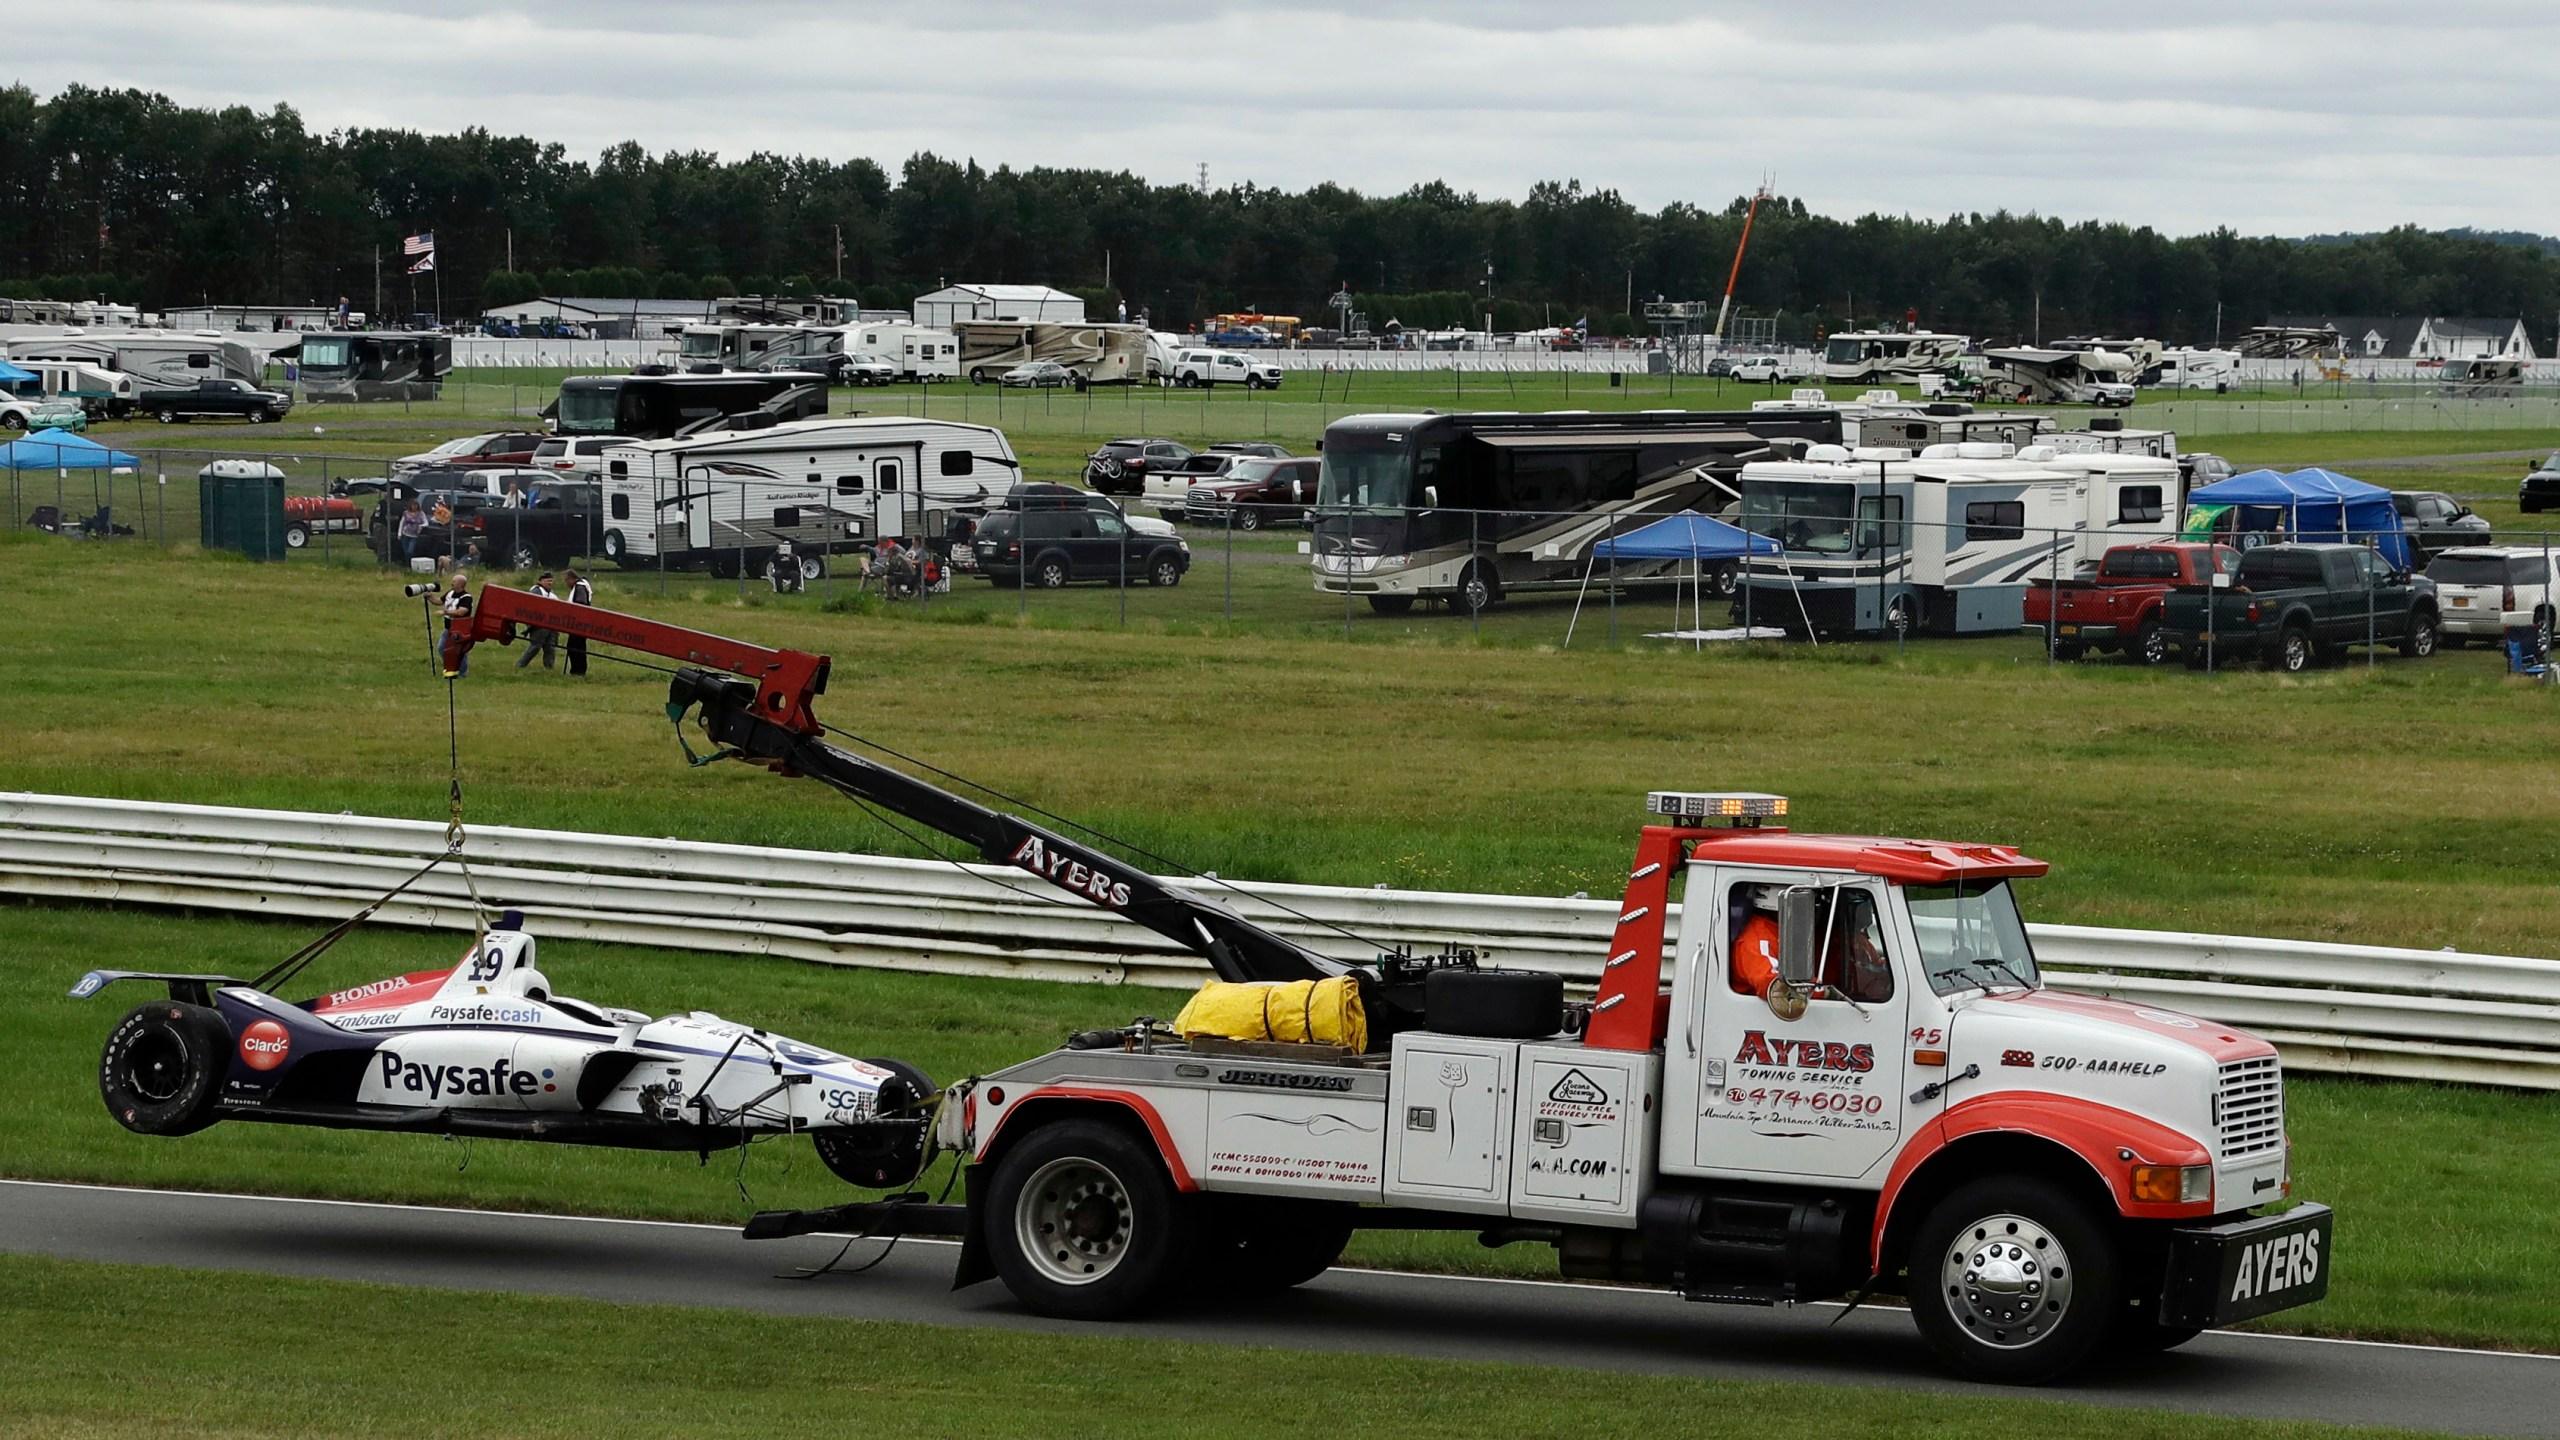 IndyCar_Pocono_Auto_Racing_39405-159532.jpg21615260